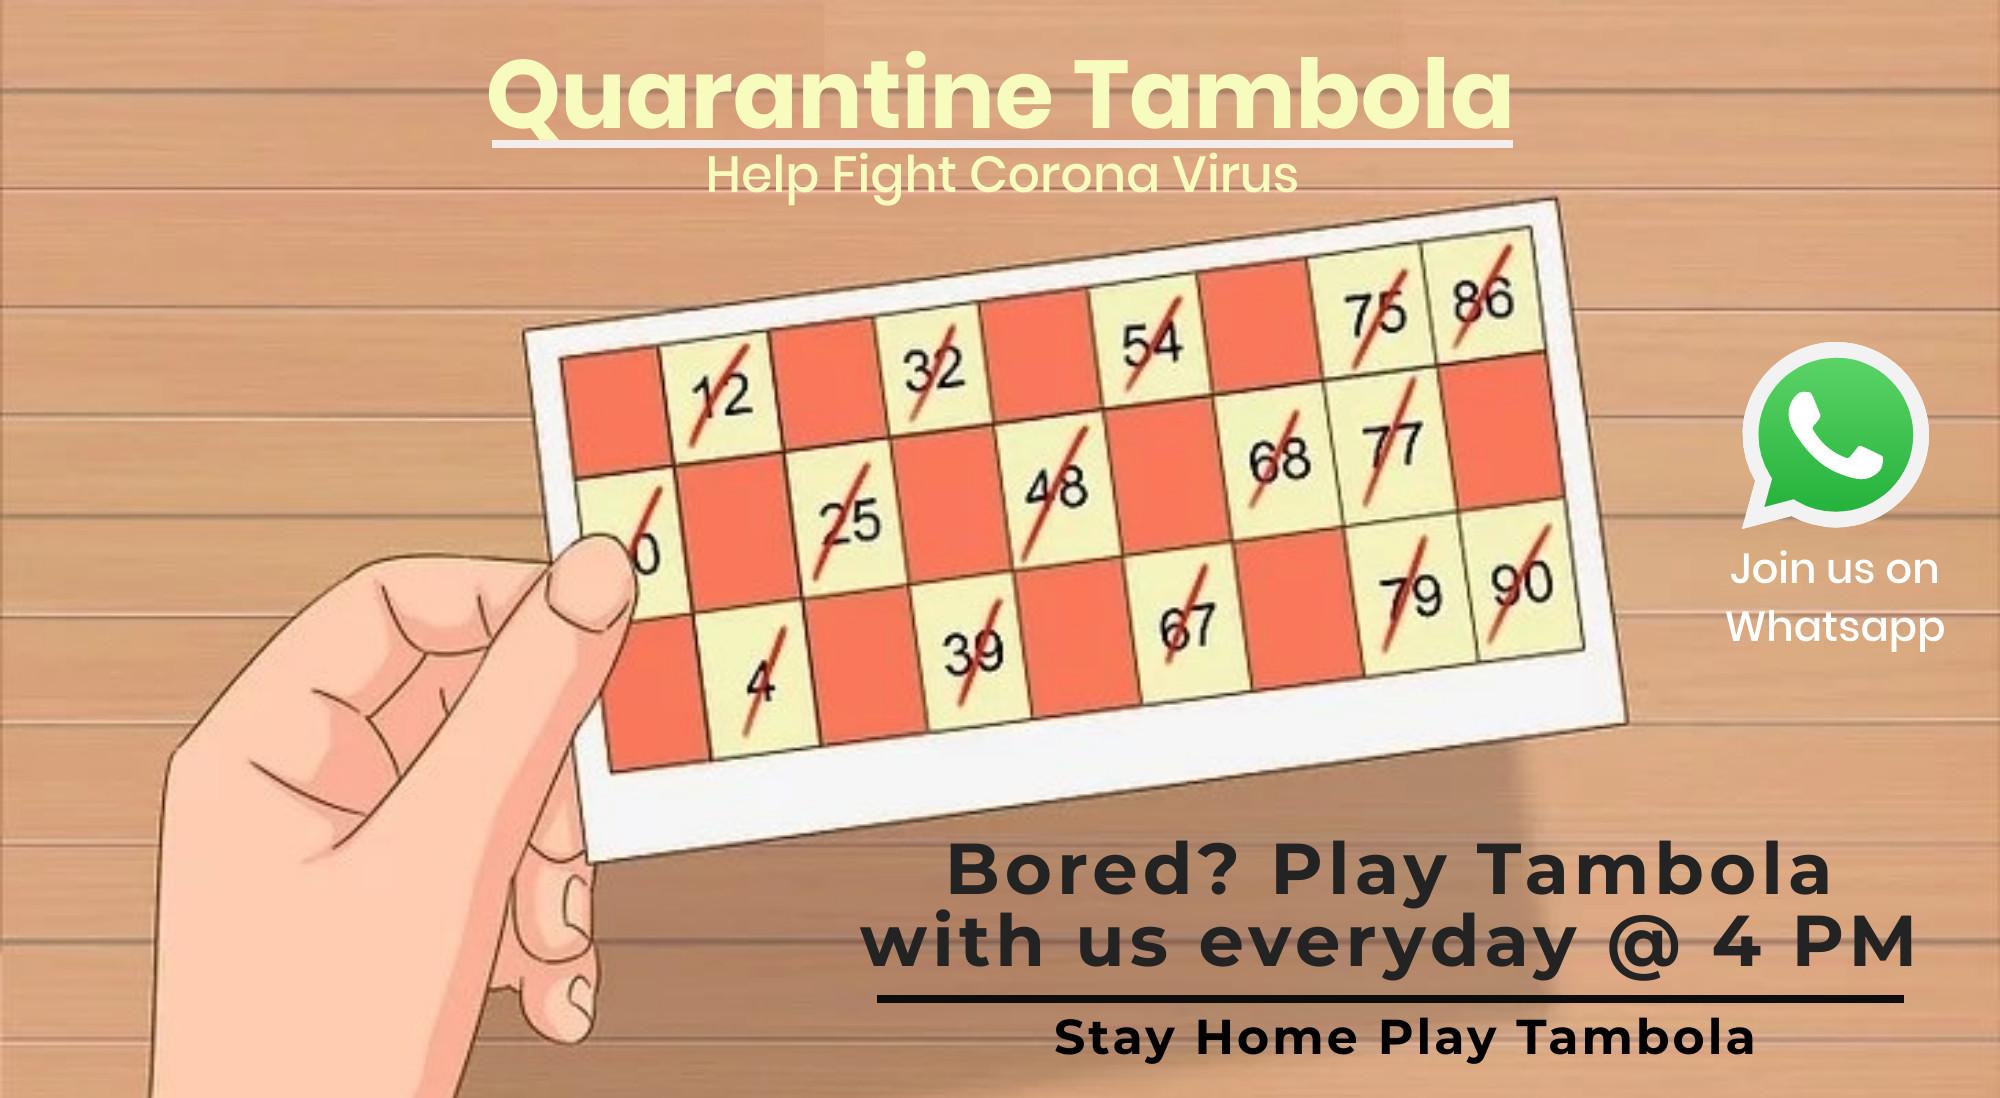 Quarantine Tambola